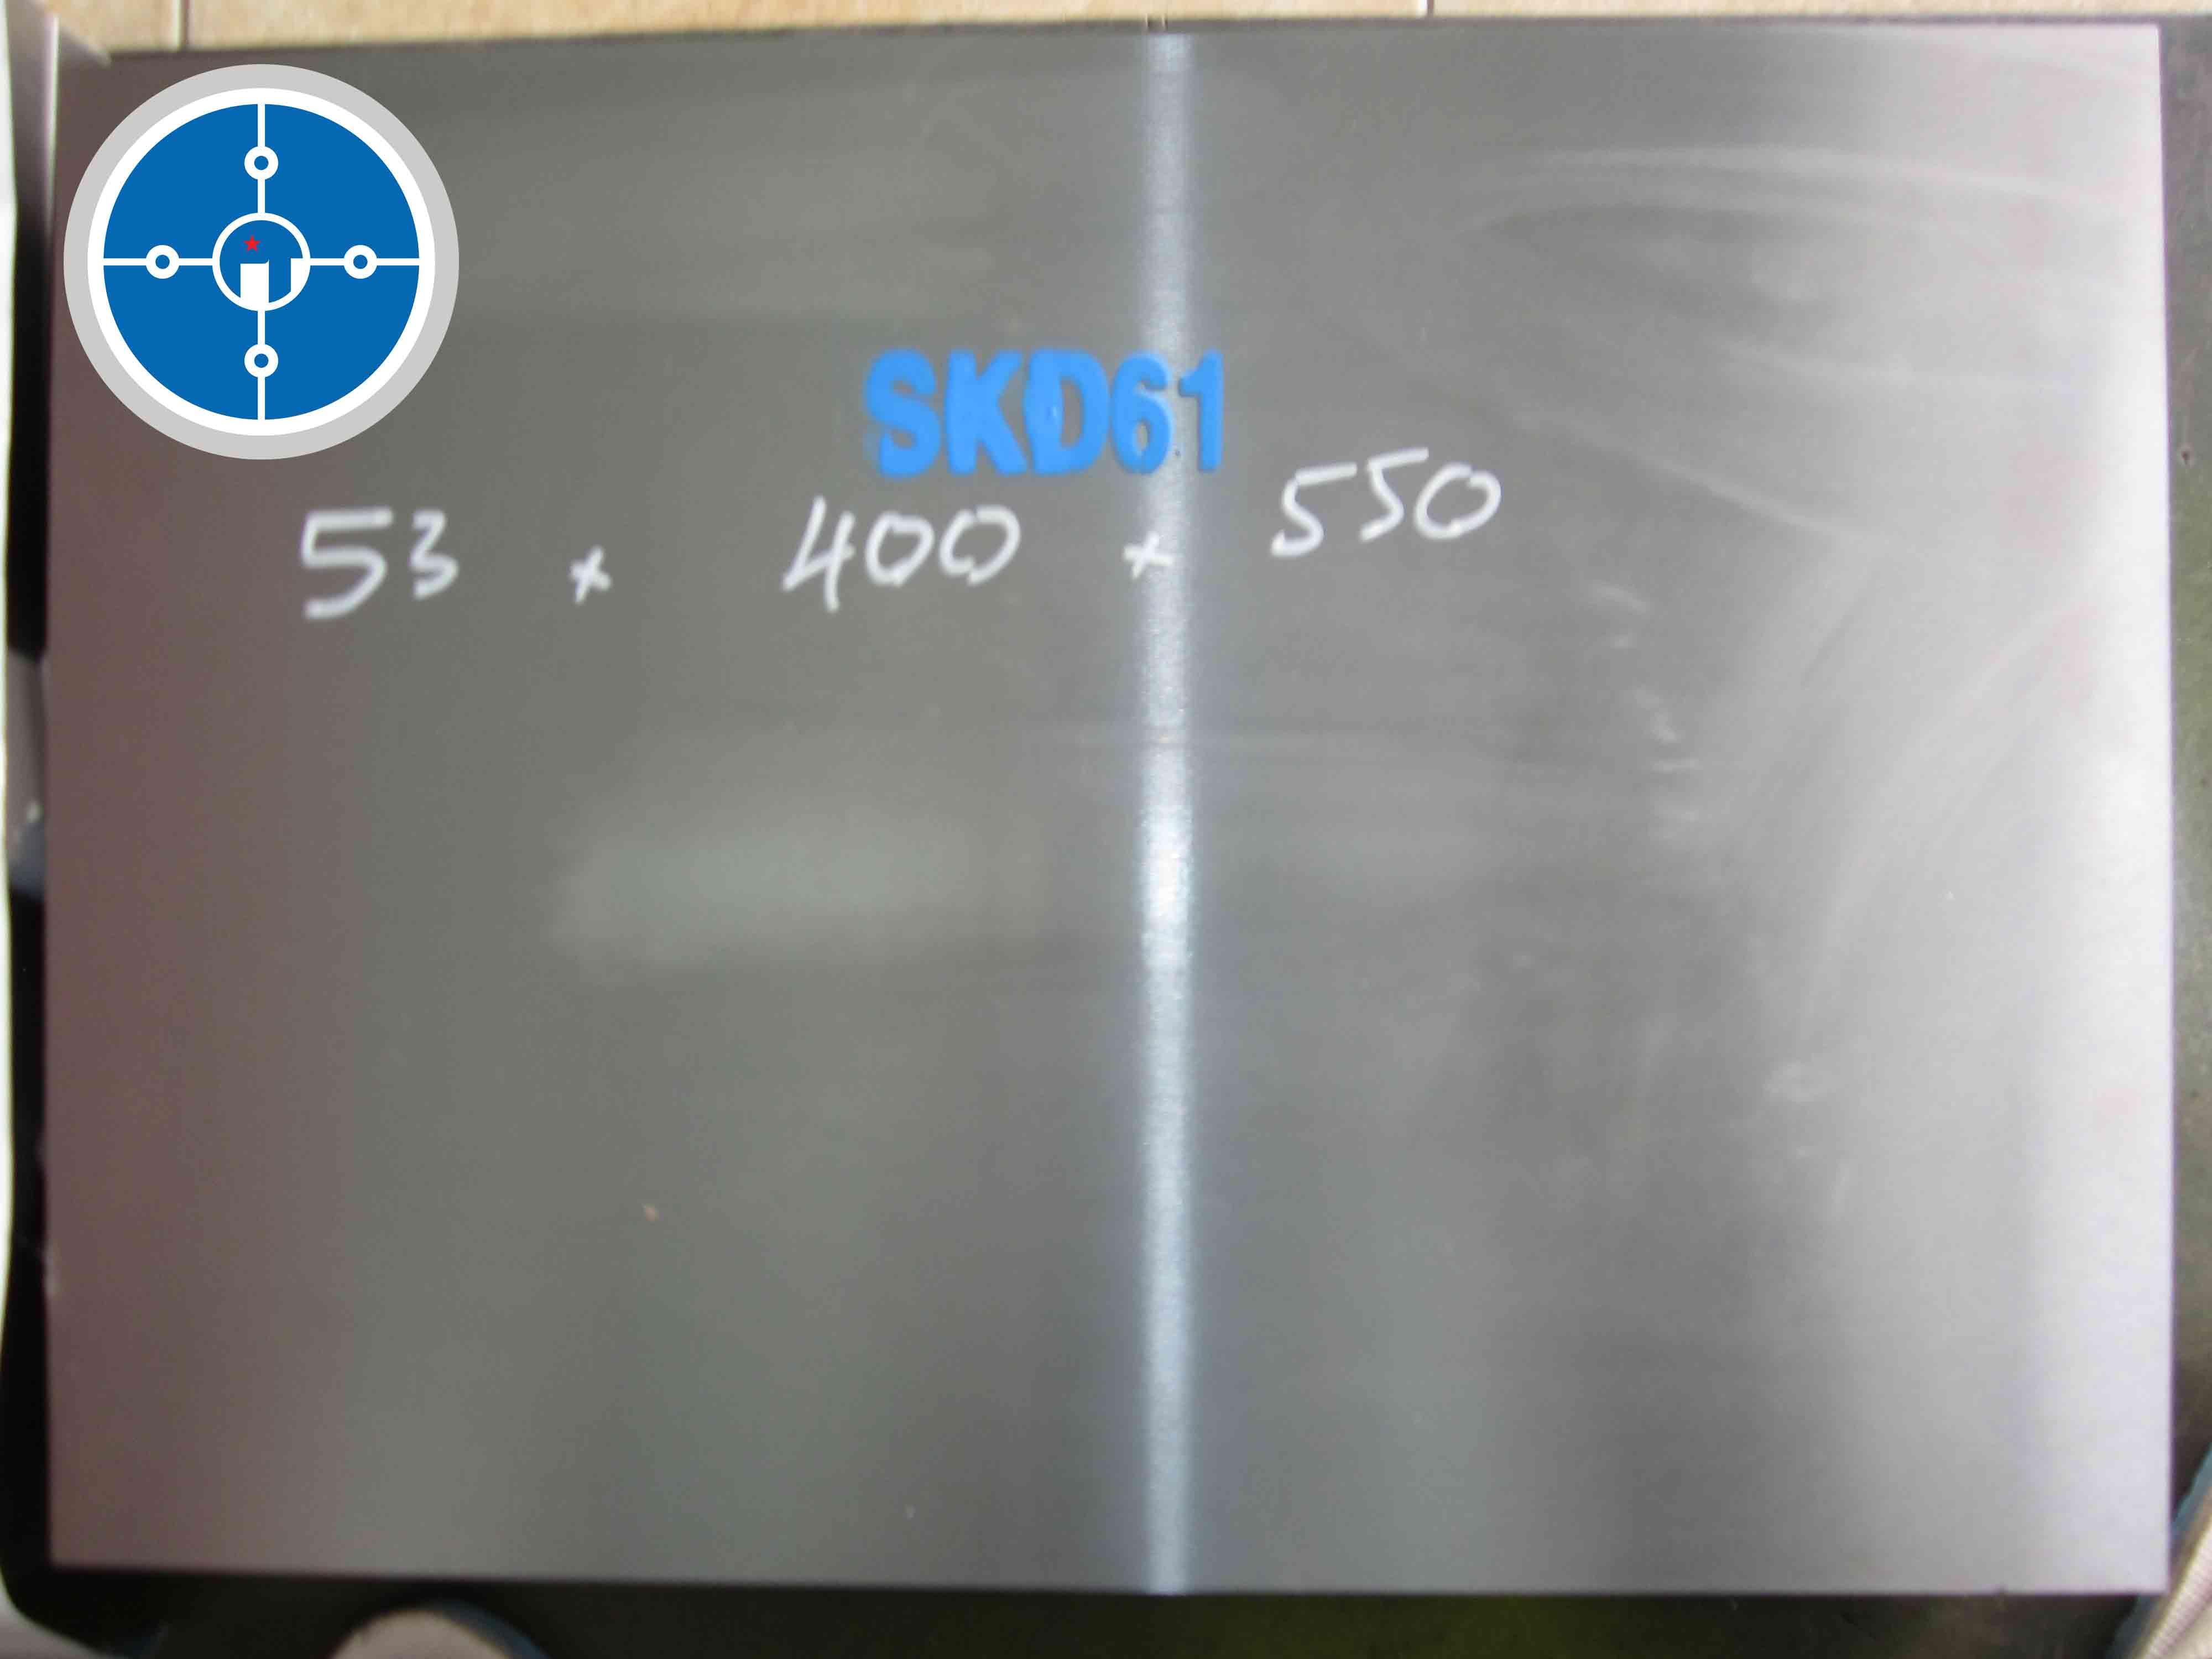 Dạng thép SKD61 tấm